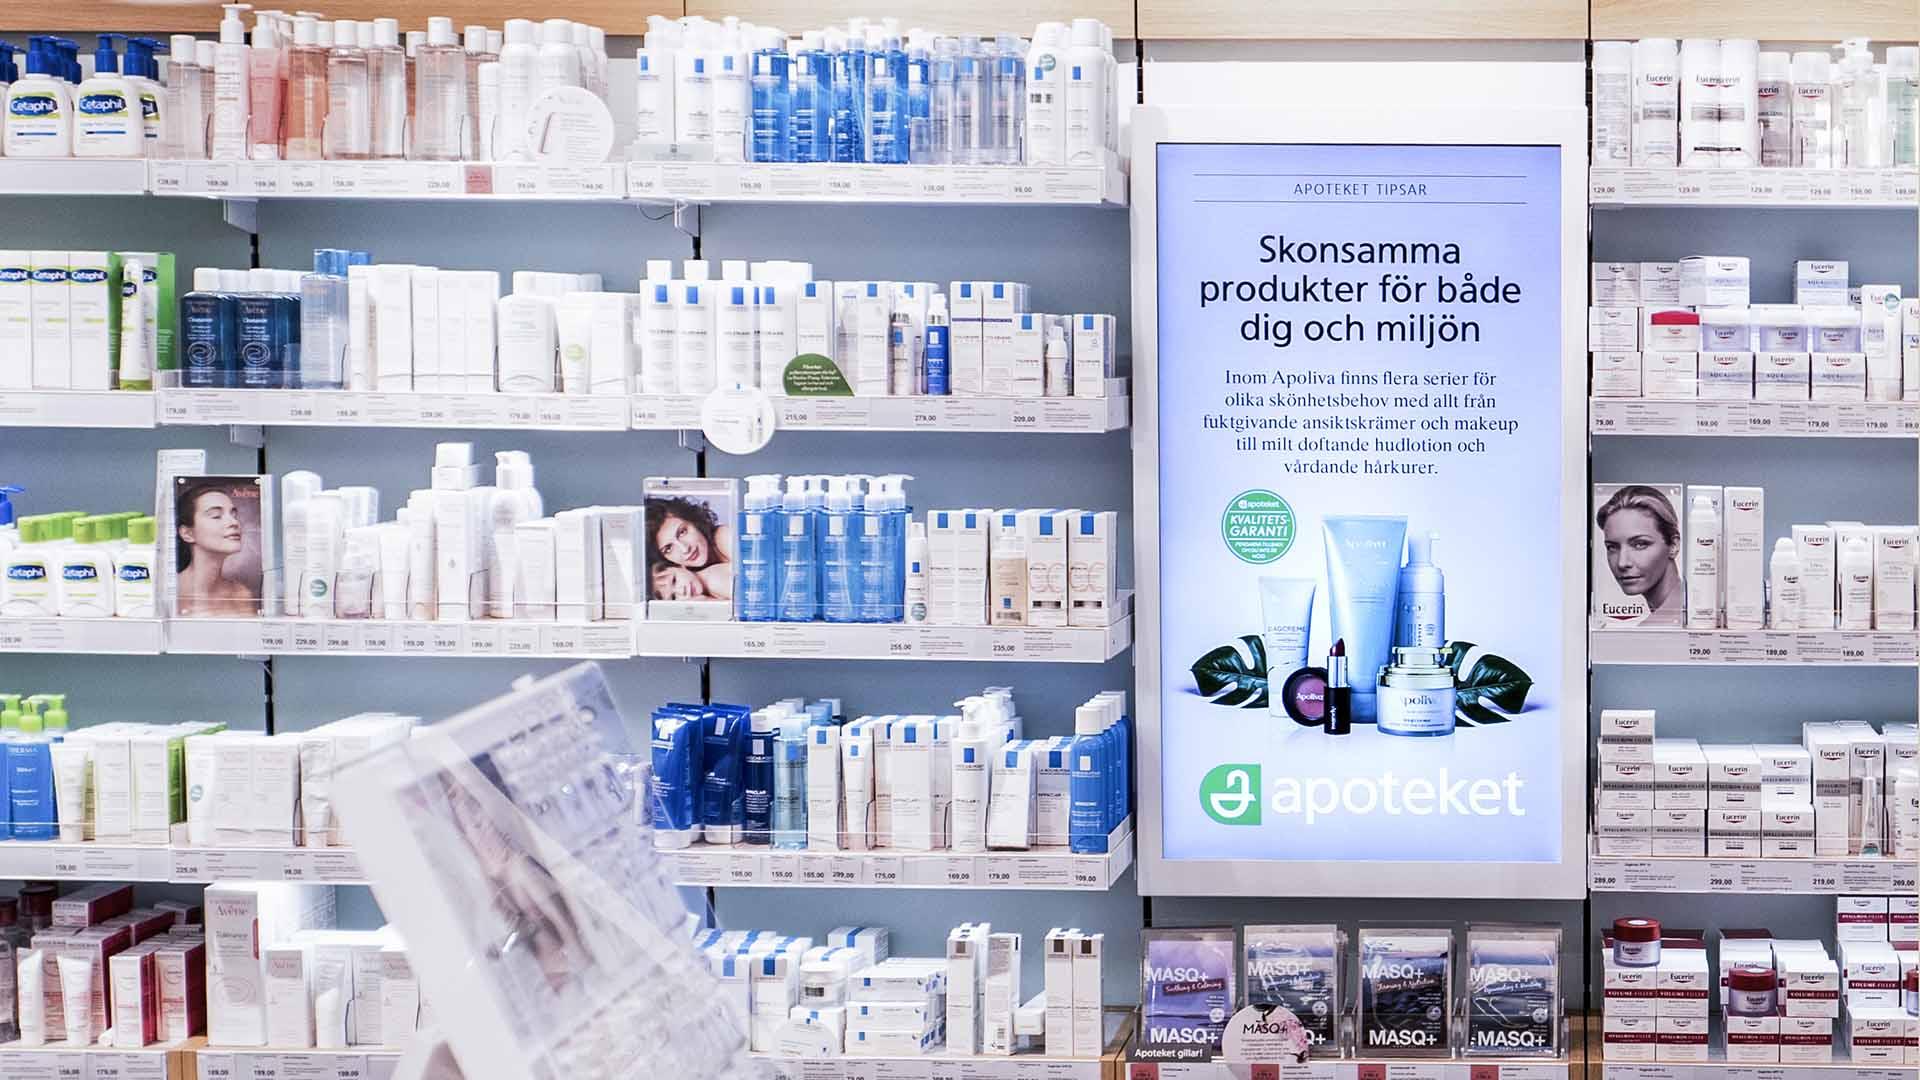 EWQs digitala skärmar presenterar marknadsföringskampanjer i Apotekets butiker.